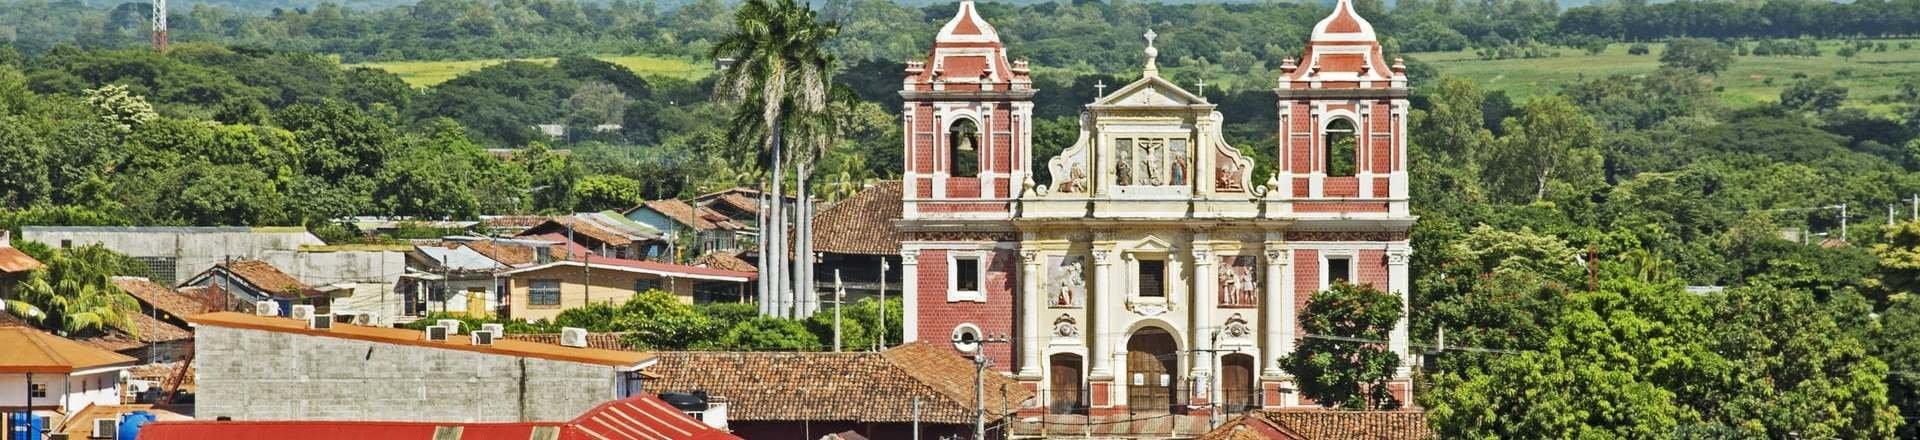 Combinado guatemala el salvador y nicaragua for Vuelos baratos a nicaragua